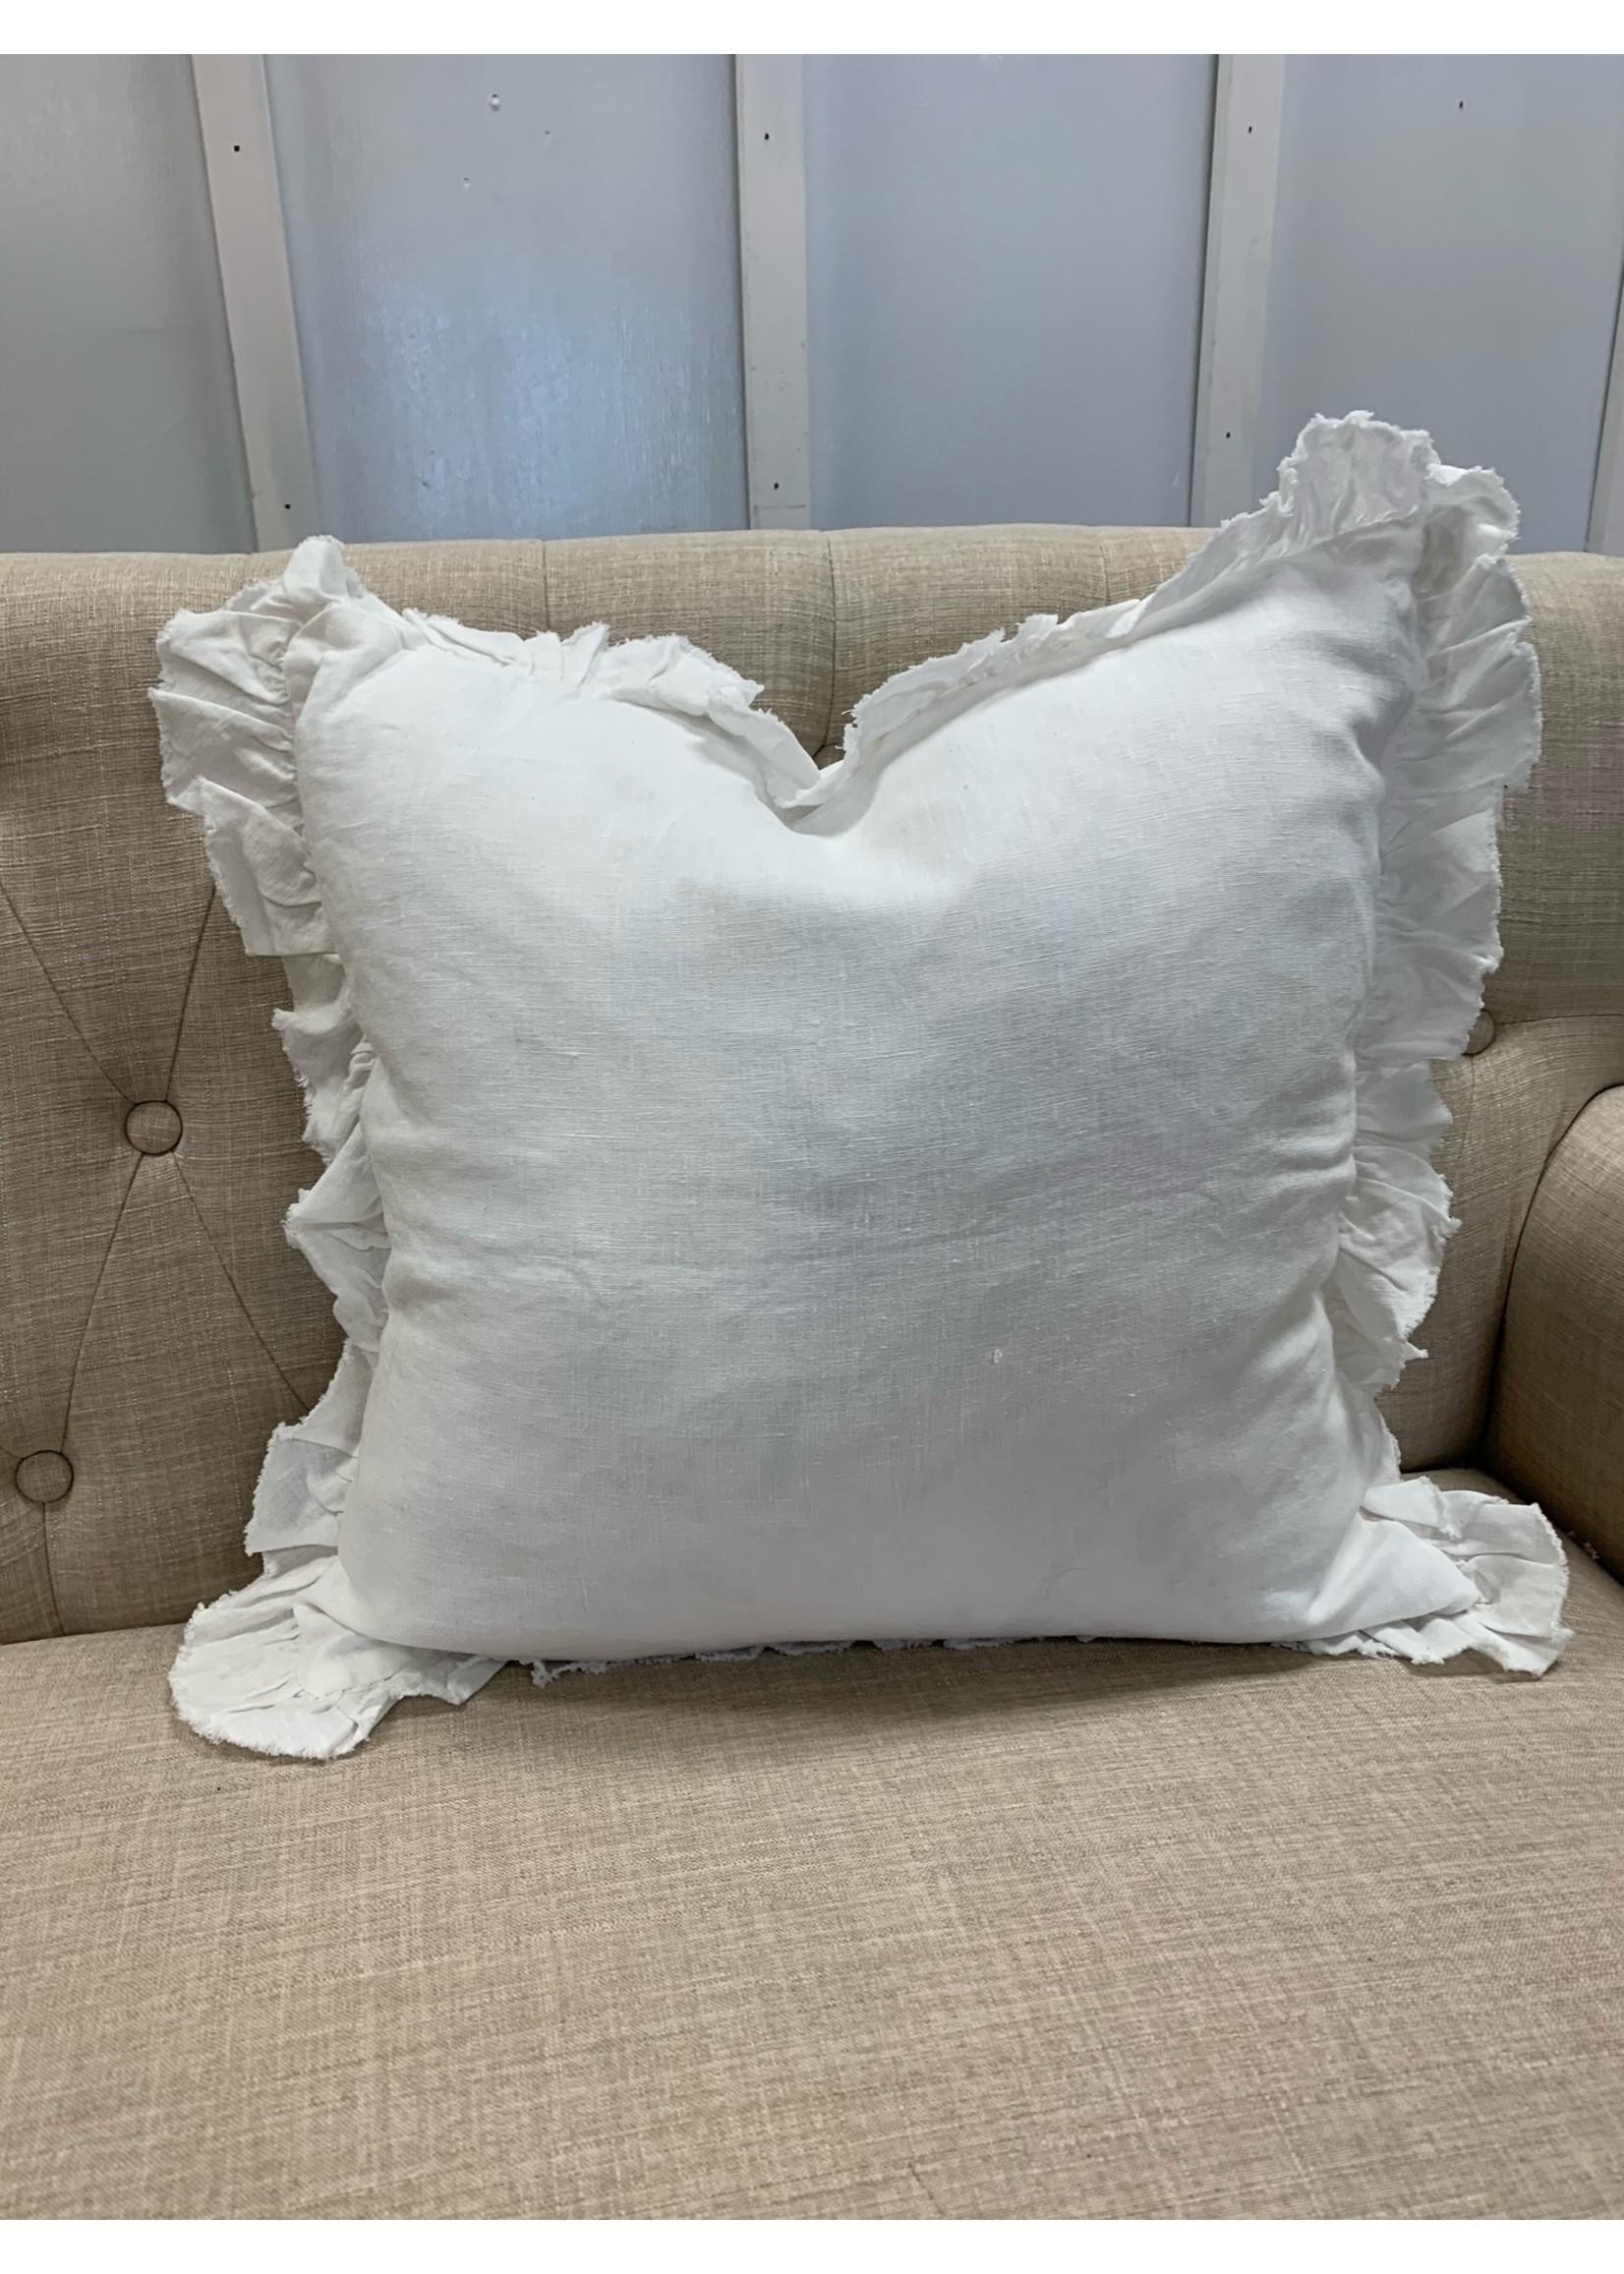 Saro Trading Company Ruffled Design Pillow - Ivory